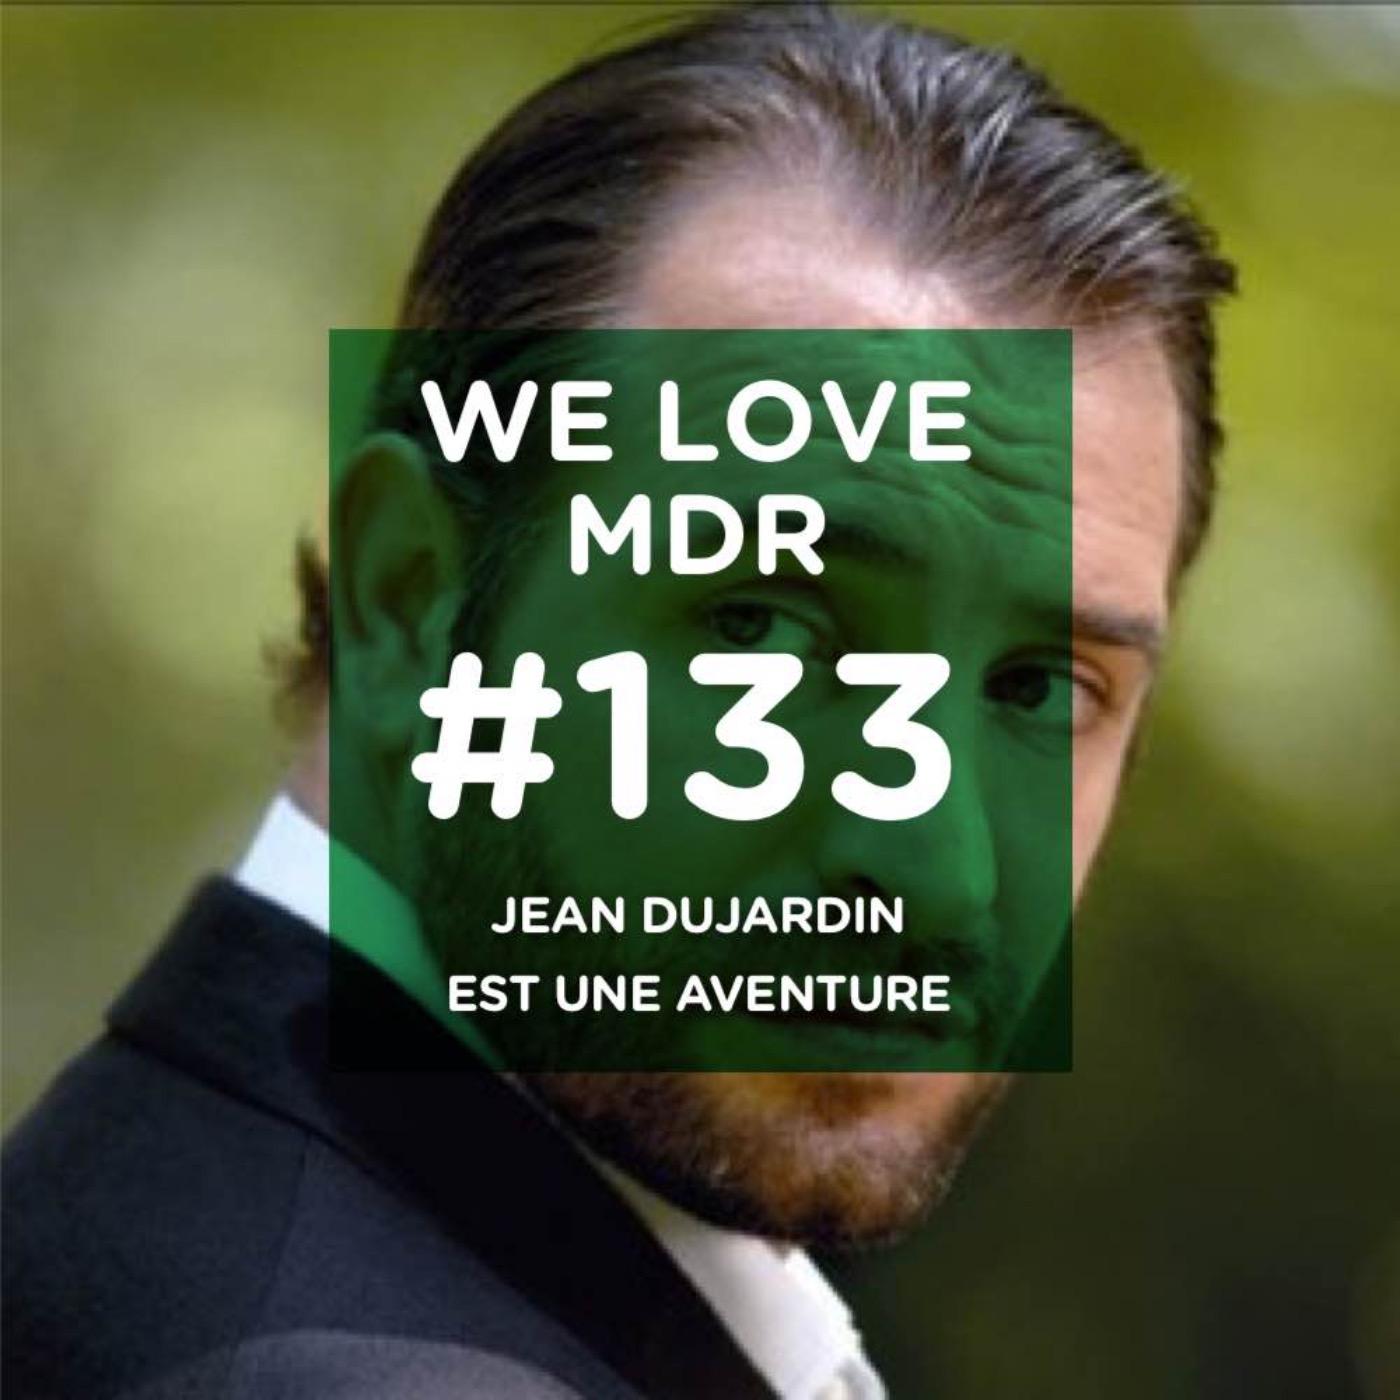 Jean Dujardin est une aventure